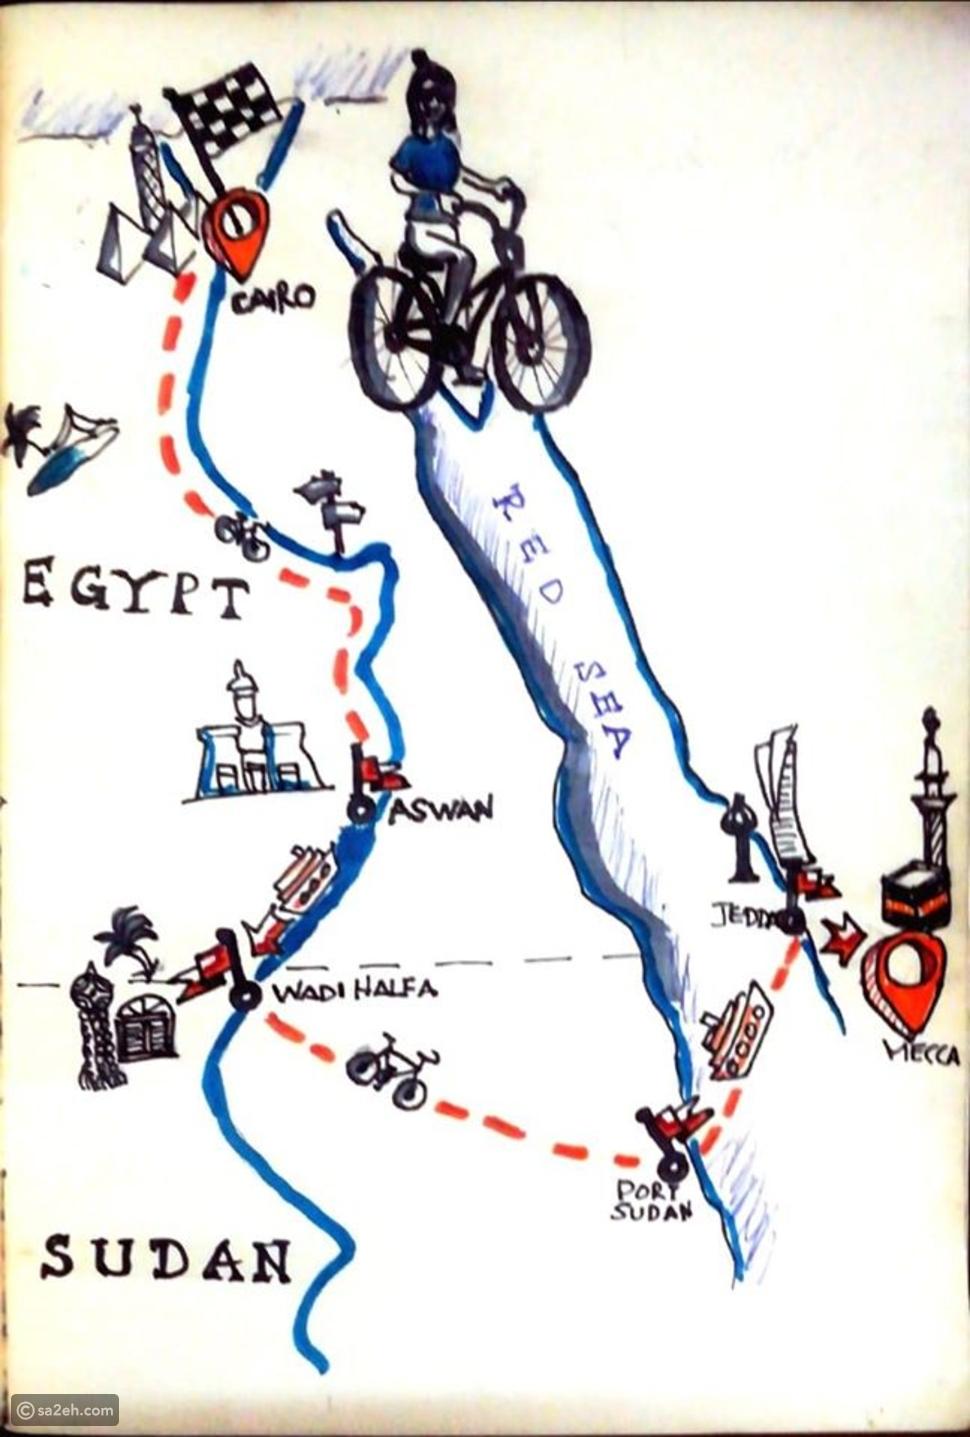 مغامرة تونسية تسافر من مصر إلى مكة على متن دراجة: لا شيء مستحيل